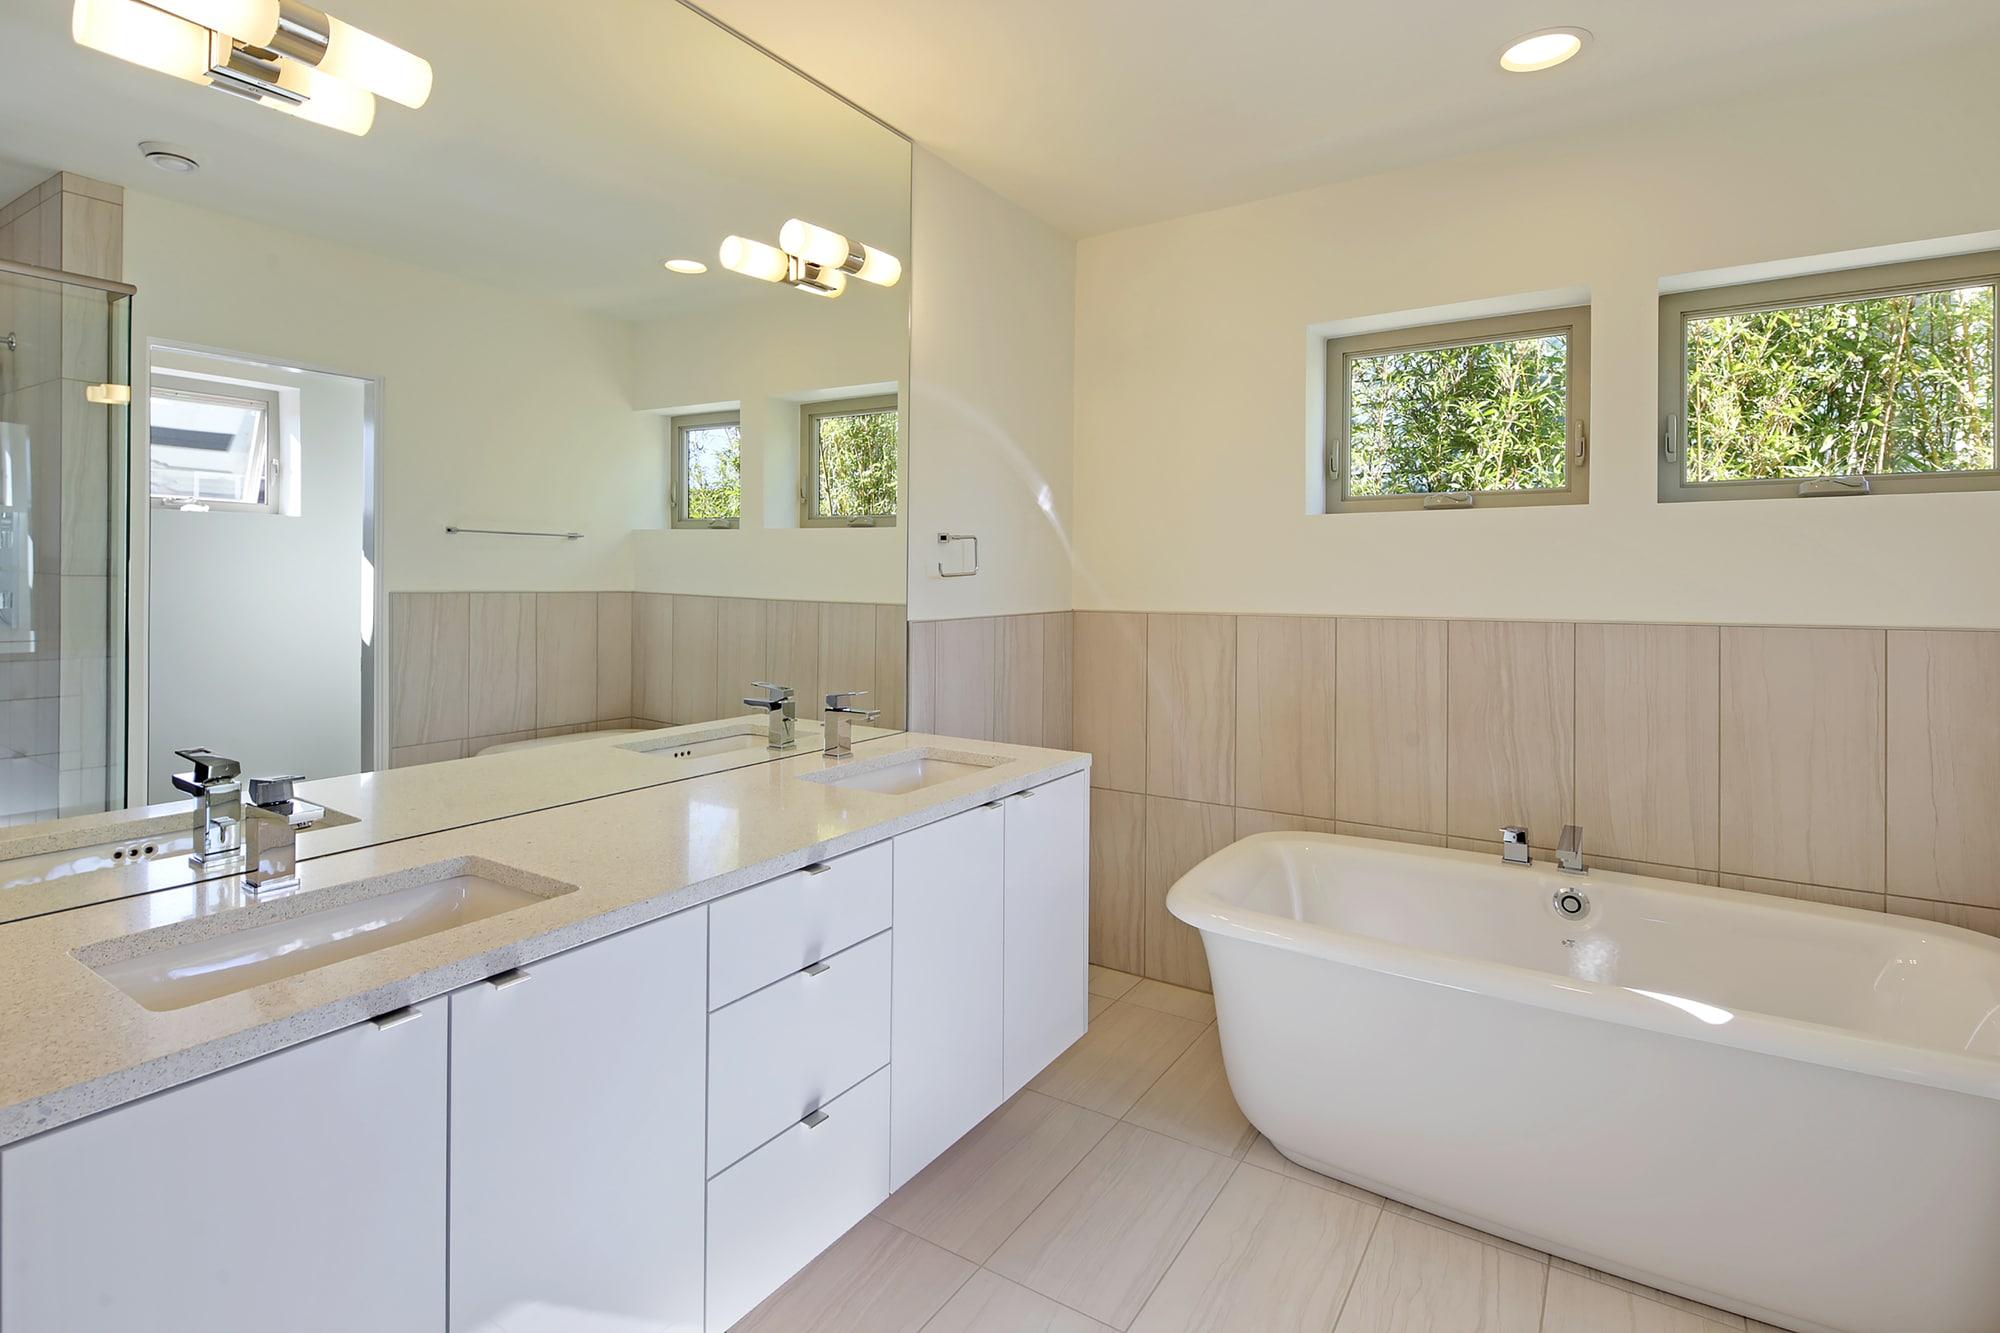 Dise o de cuarto de ba o moderno ecol gico construye hogar - Diseno de cuarto de bano ...